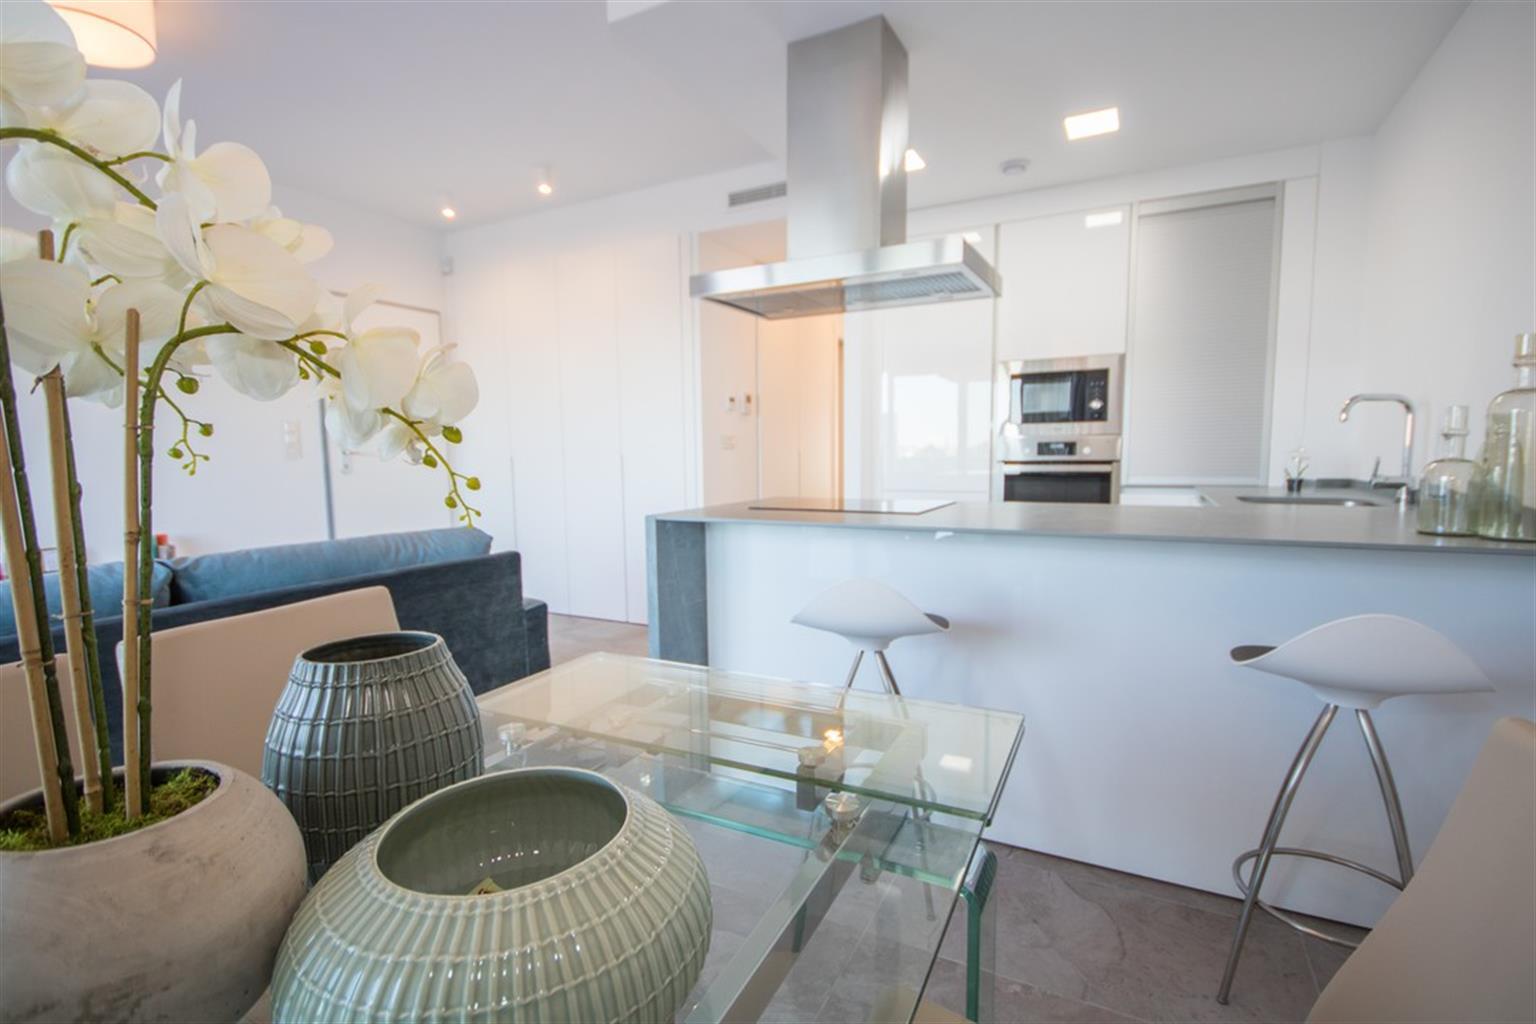 Appartement - Los Balcones  - #4231453-5